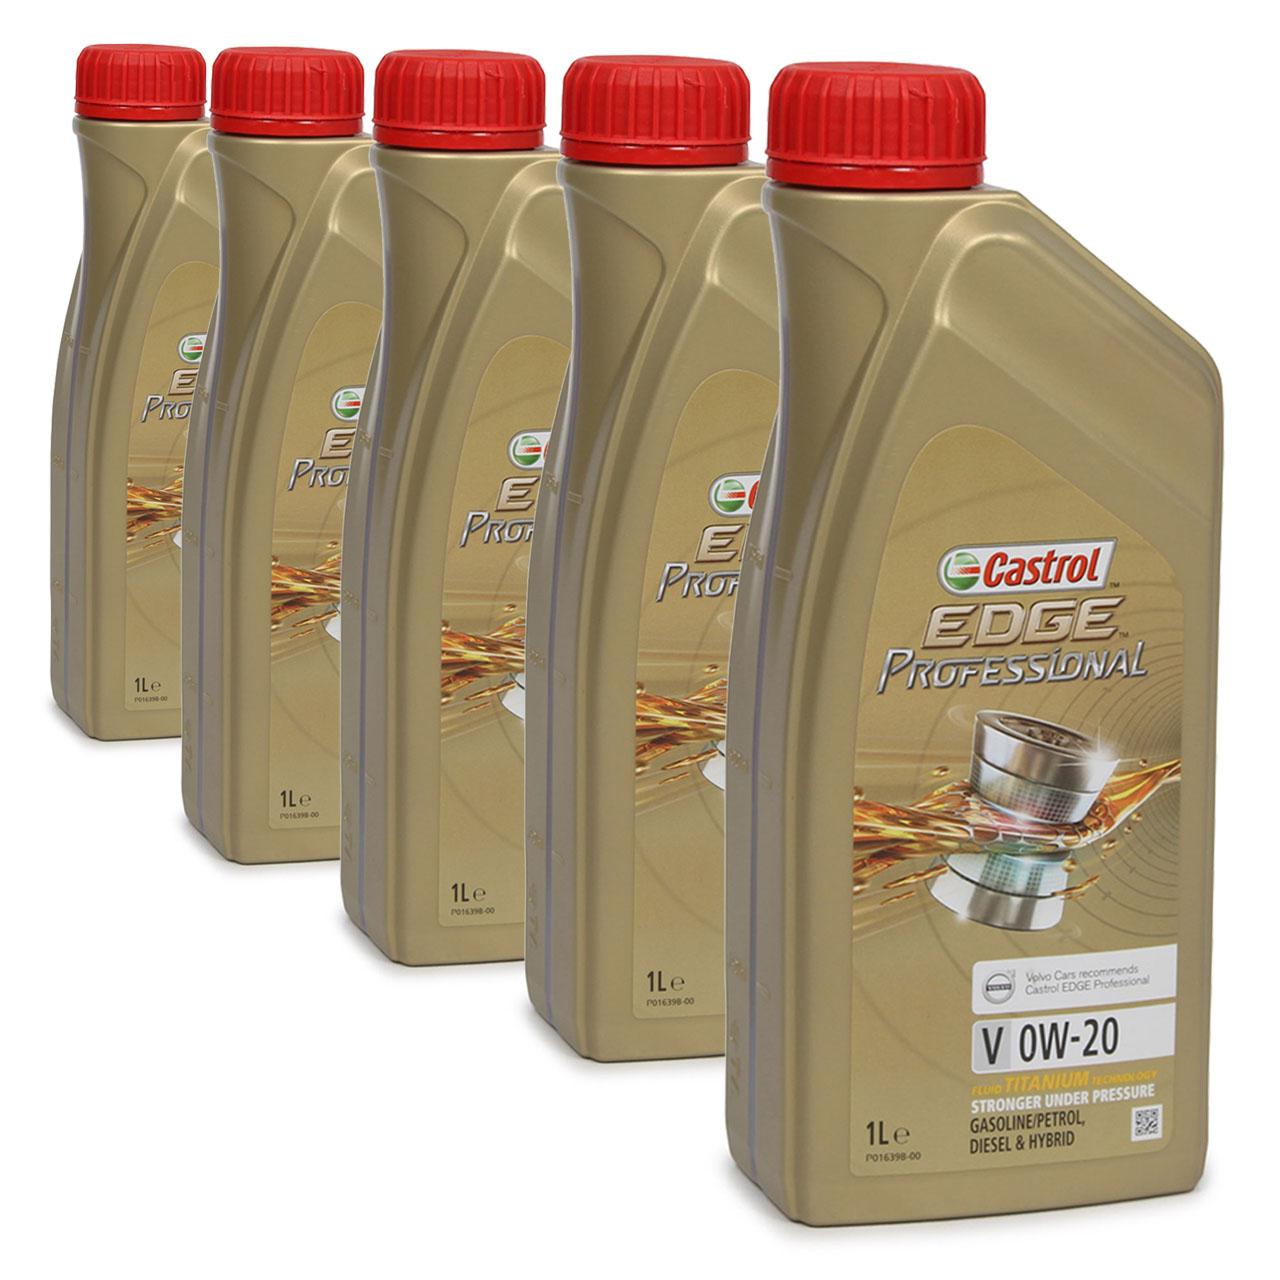 CASTROL EDGE Professional Motoröl ÖL TITANIUM FST V 0W20 C5 für VOLVO - 5 Liter